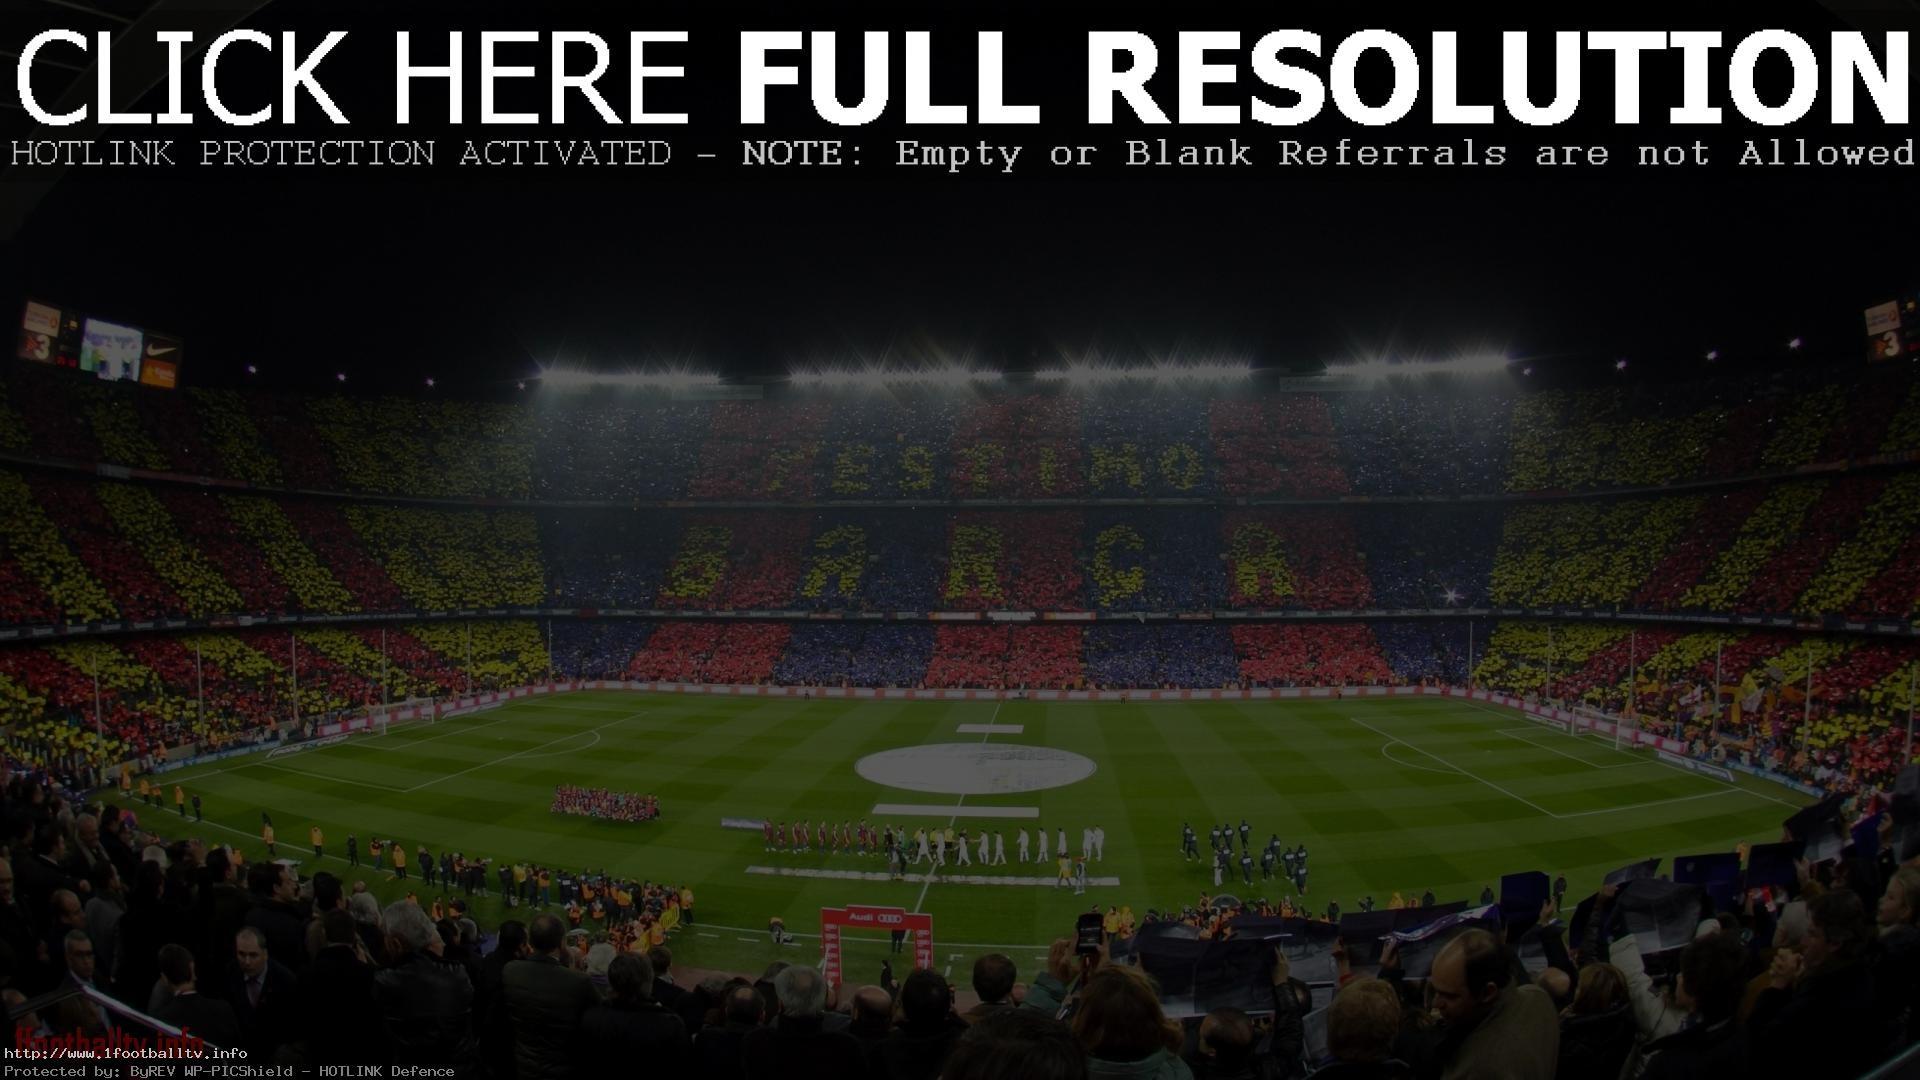 fc barcelona wallpapers hd 1080p unique wallpaper barcelona camp nou  stadium full hd 1080p hd of